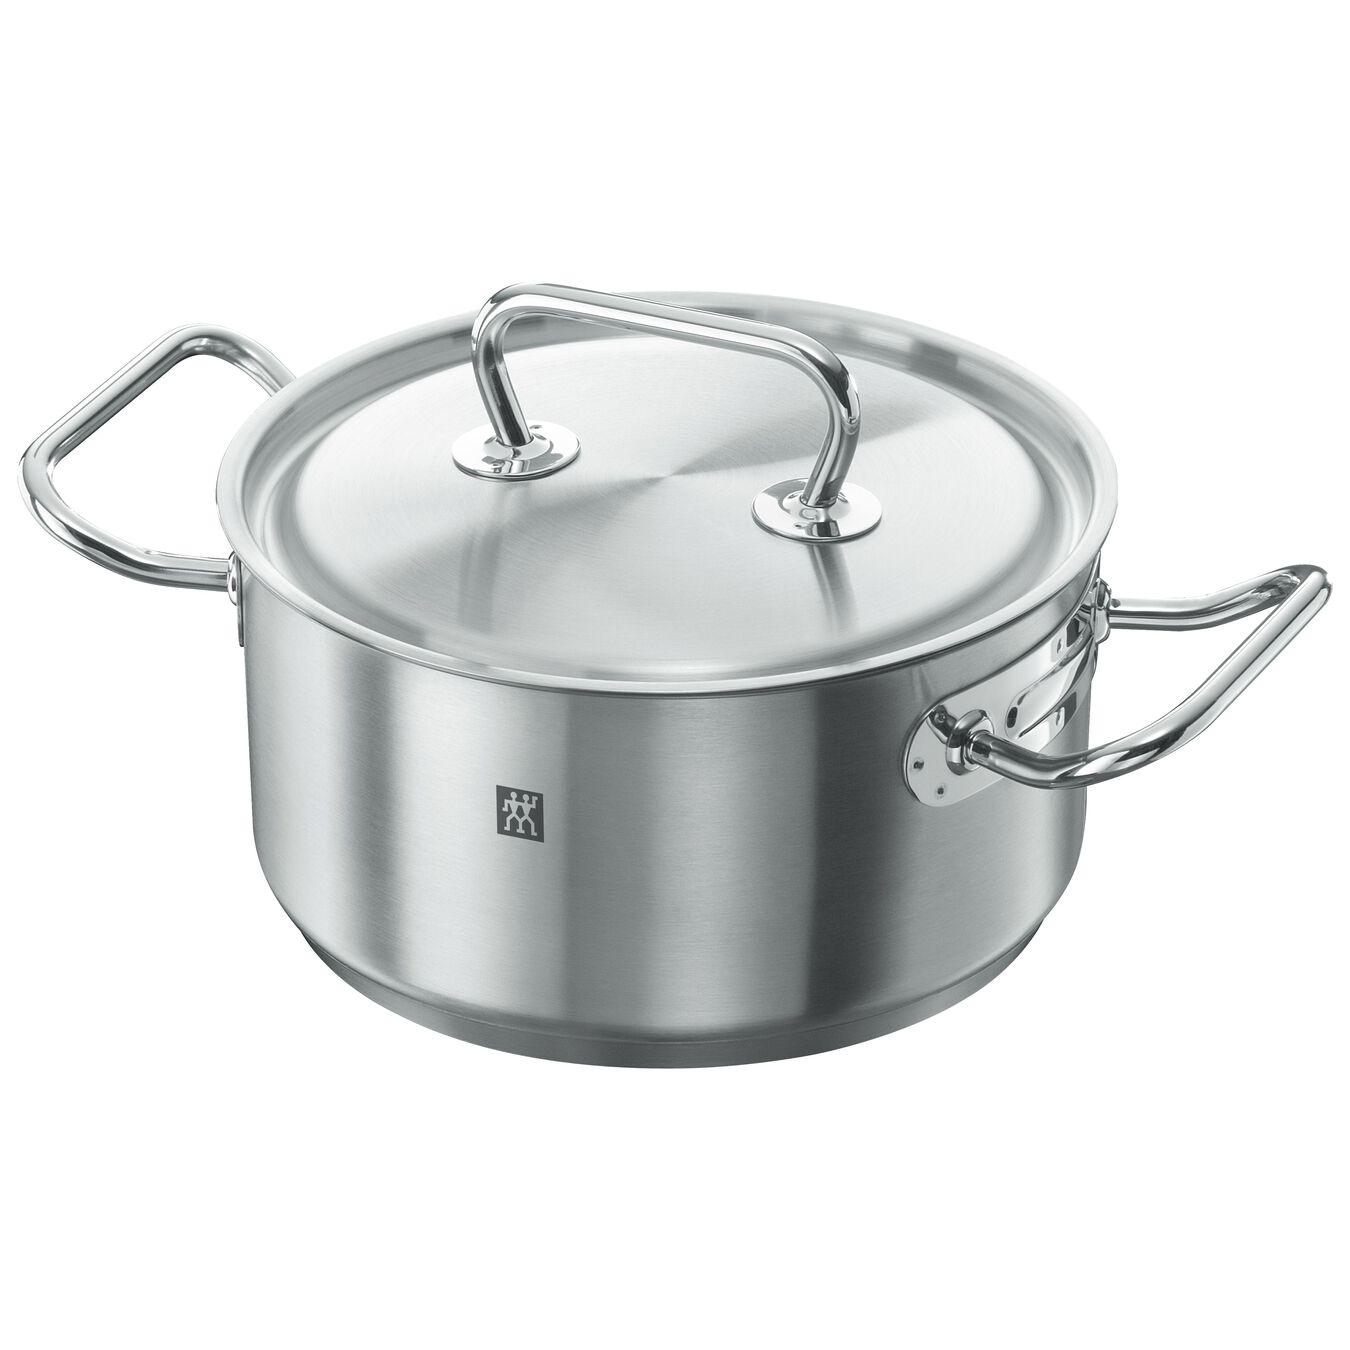 Ensemble de casseroles 5-pcs,,large 4